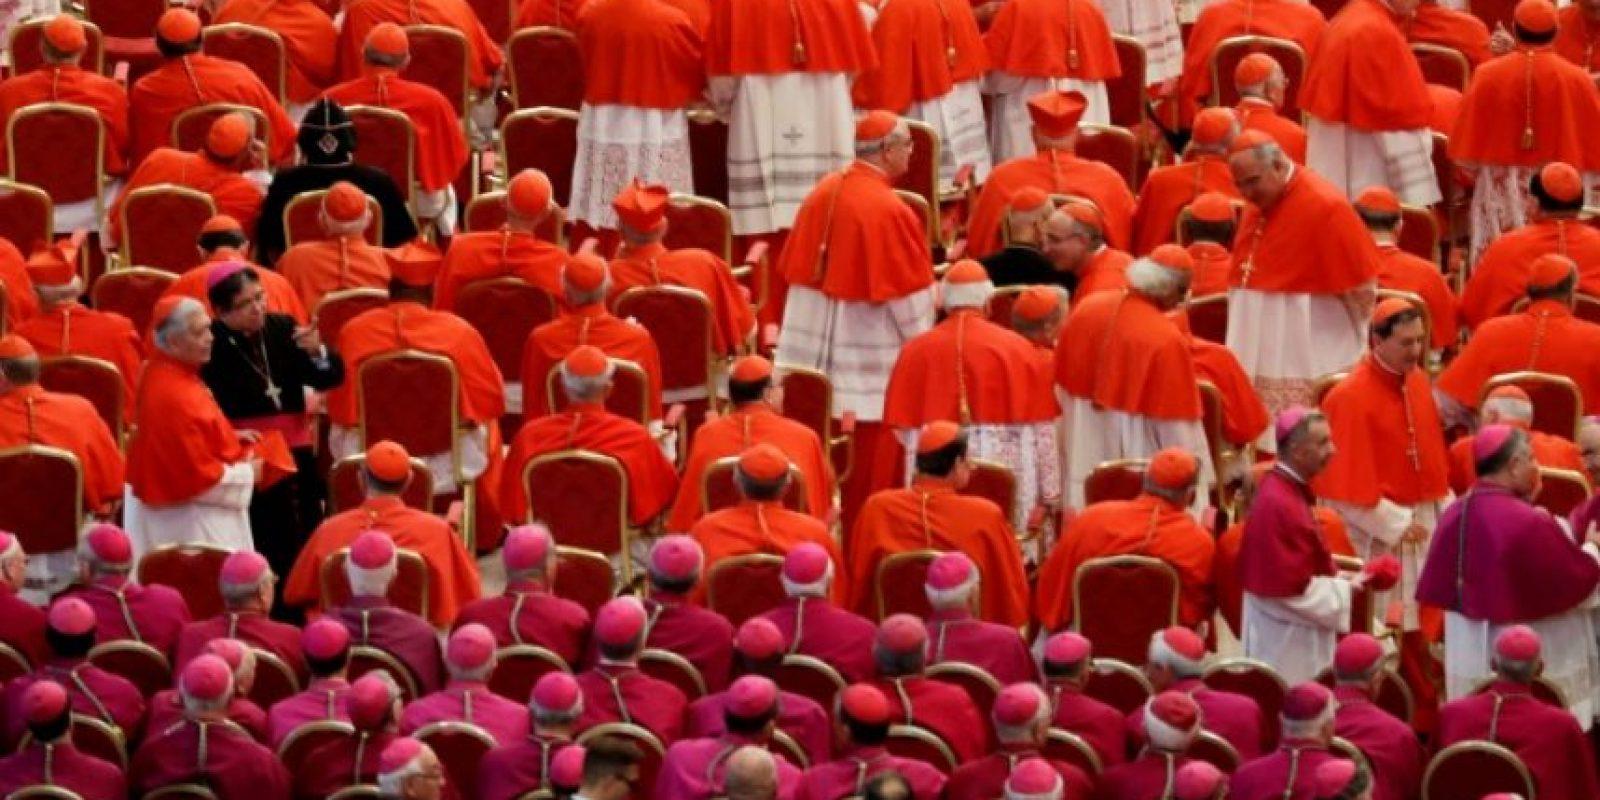 Cardenales y obispos esperan en la Basílica de San Pedro del Vaticano el inicio del consistorio en el que el papa Francisco nombraría 17 nuevos cardenales, el 19 de noviembre de 2016 en el Vaticano Foto:Gregorio Borgia /afp.com